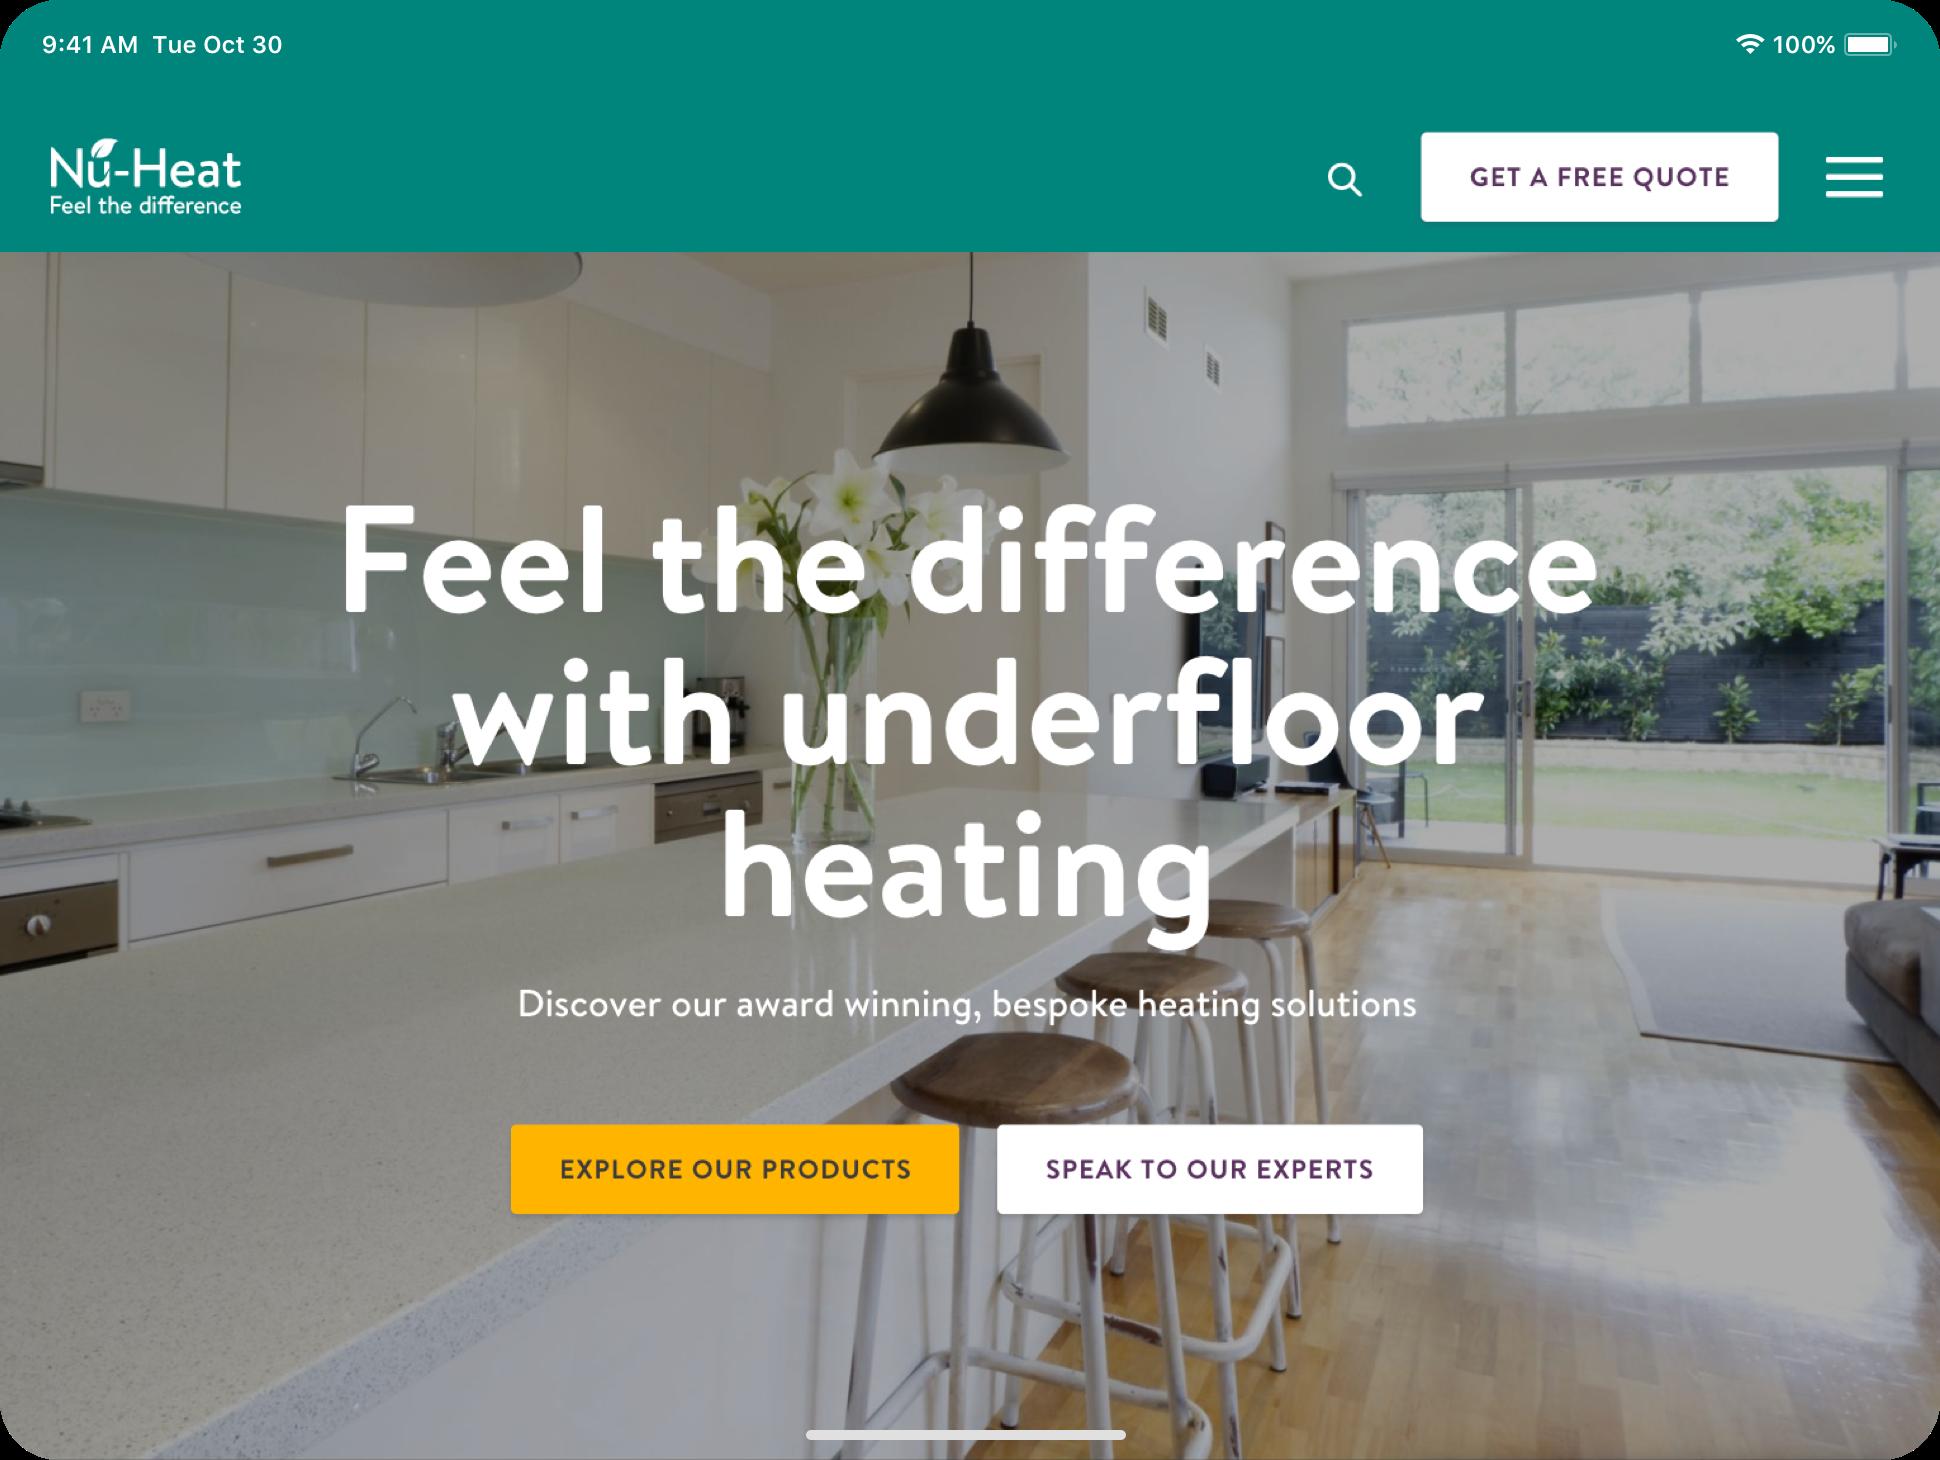 image of nu-heat website on a desktop